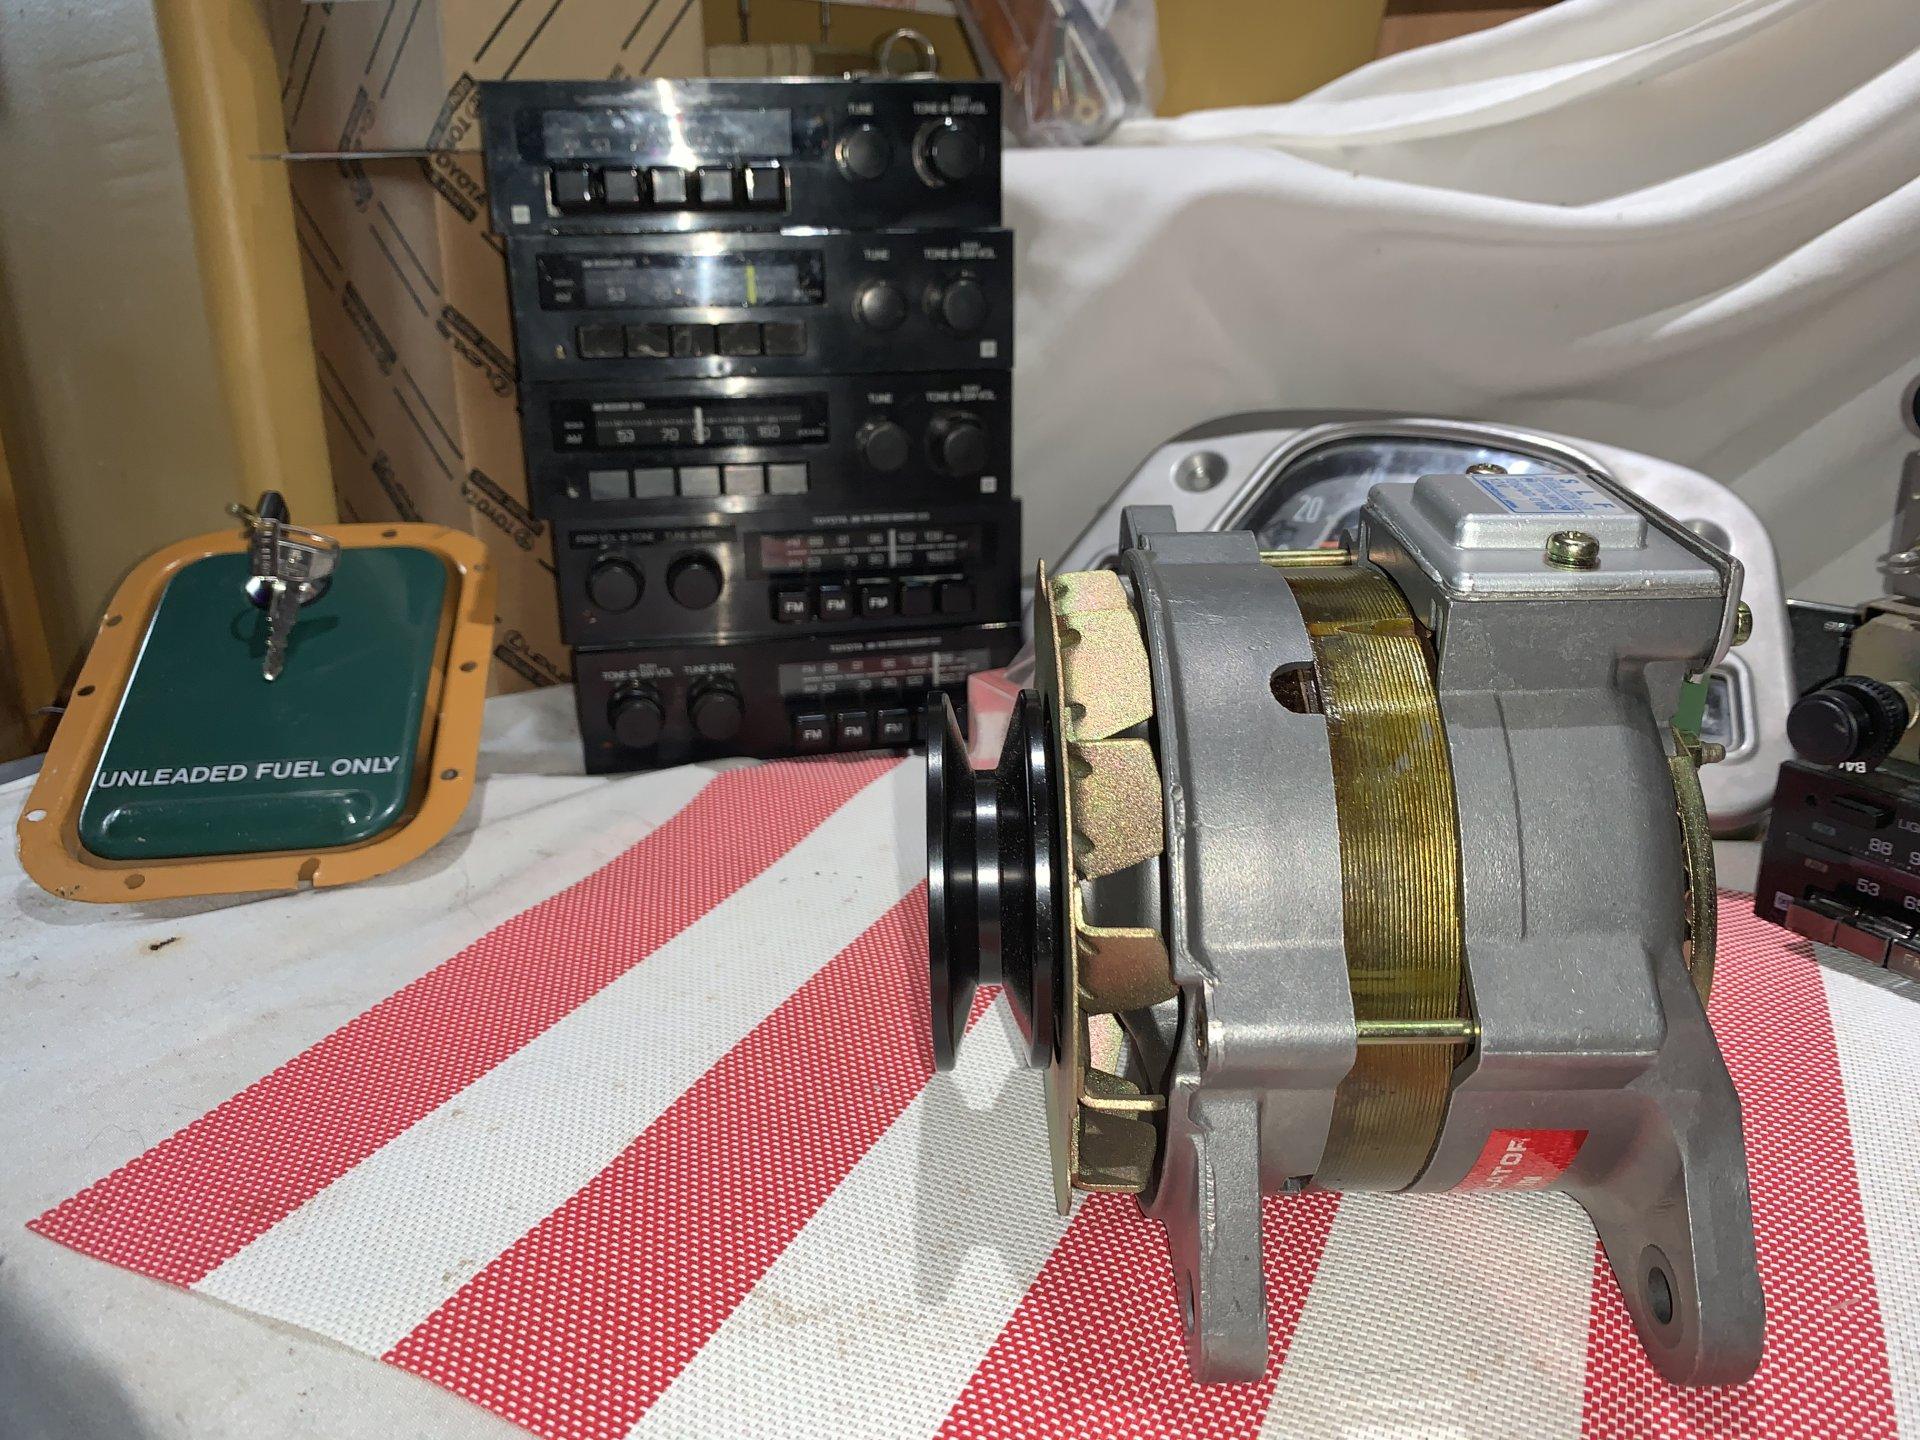 1645647E-A0A2-418D-BDB3-F6549C11D25C.jpeg